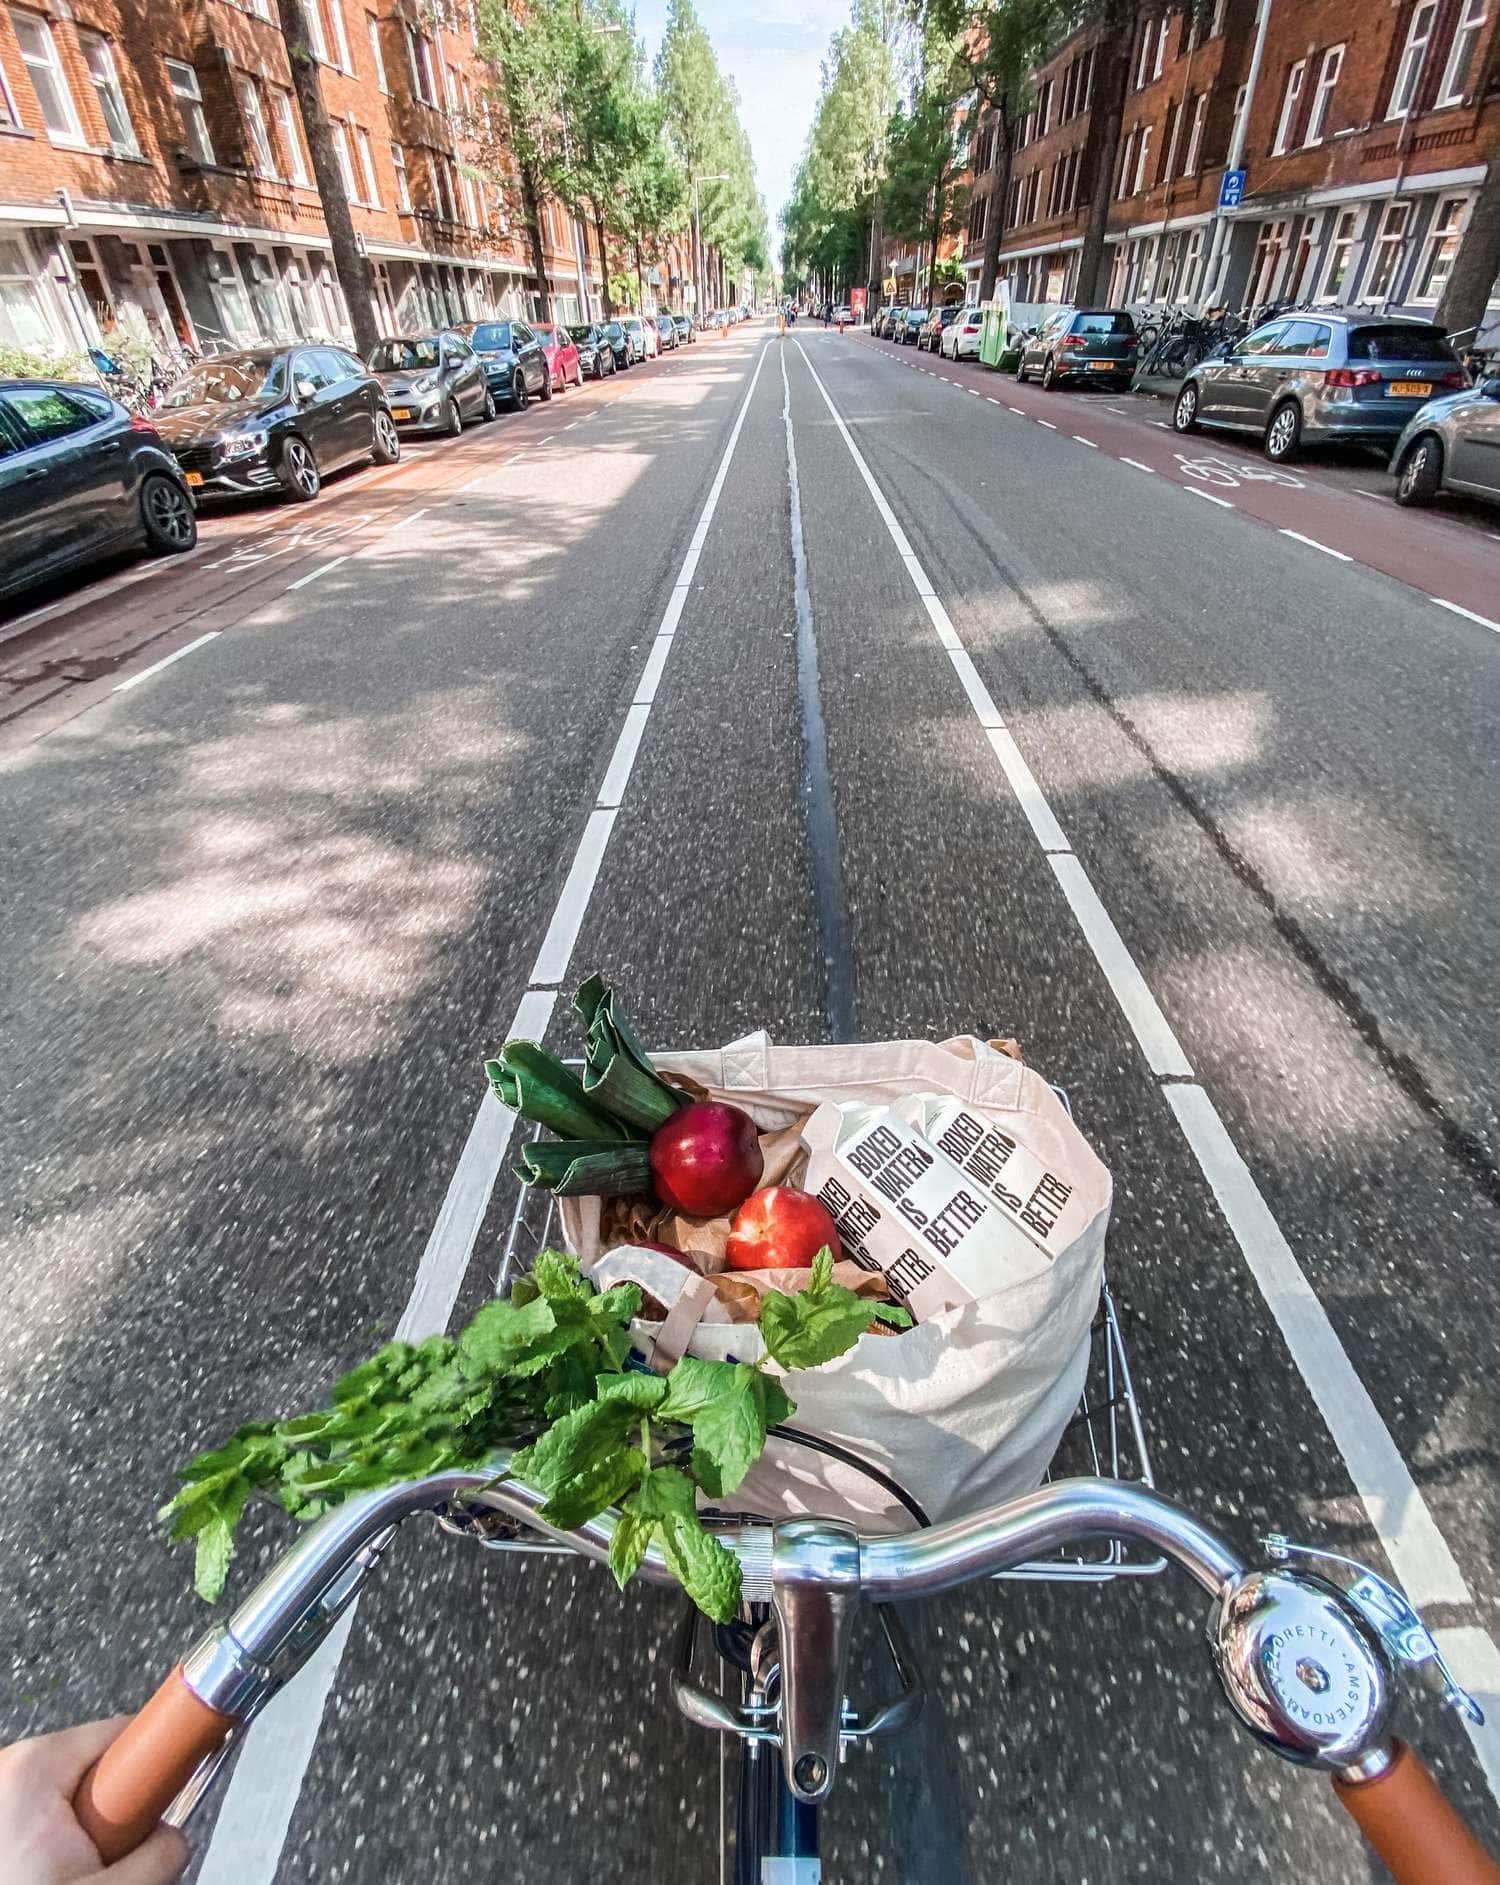 perspectiva de la calle desde una bici